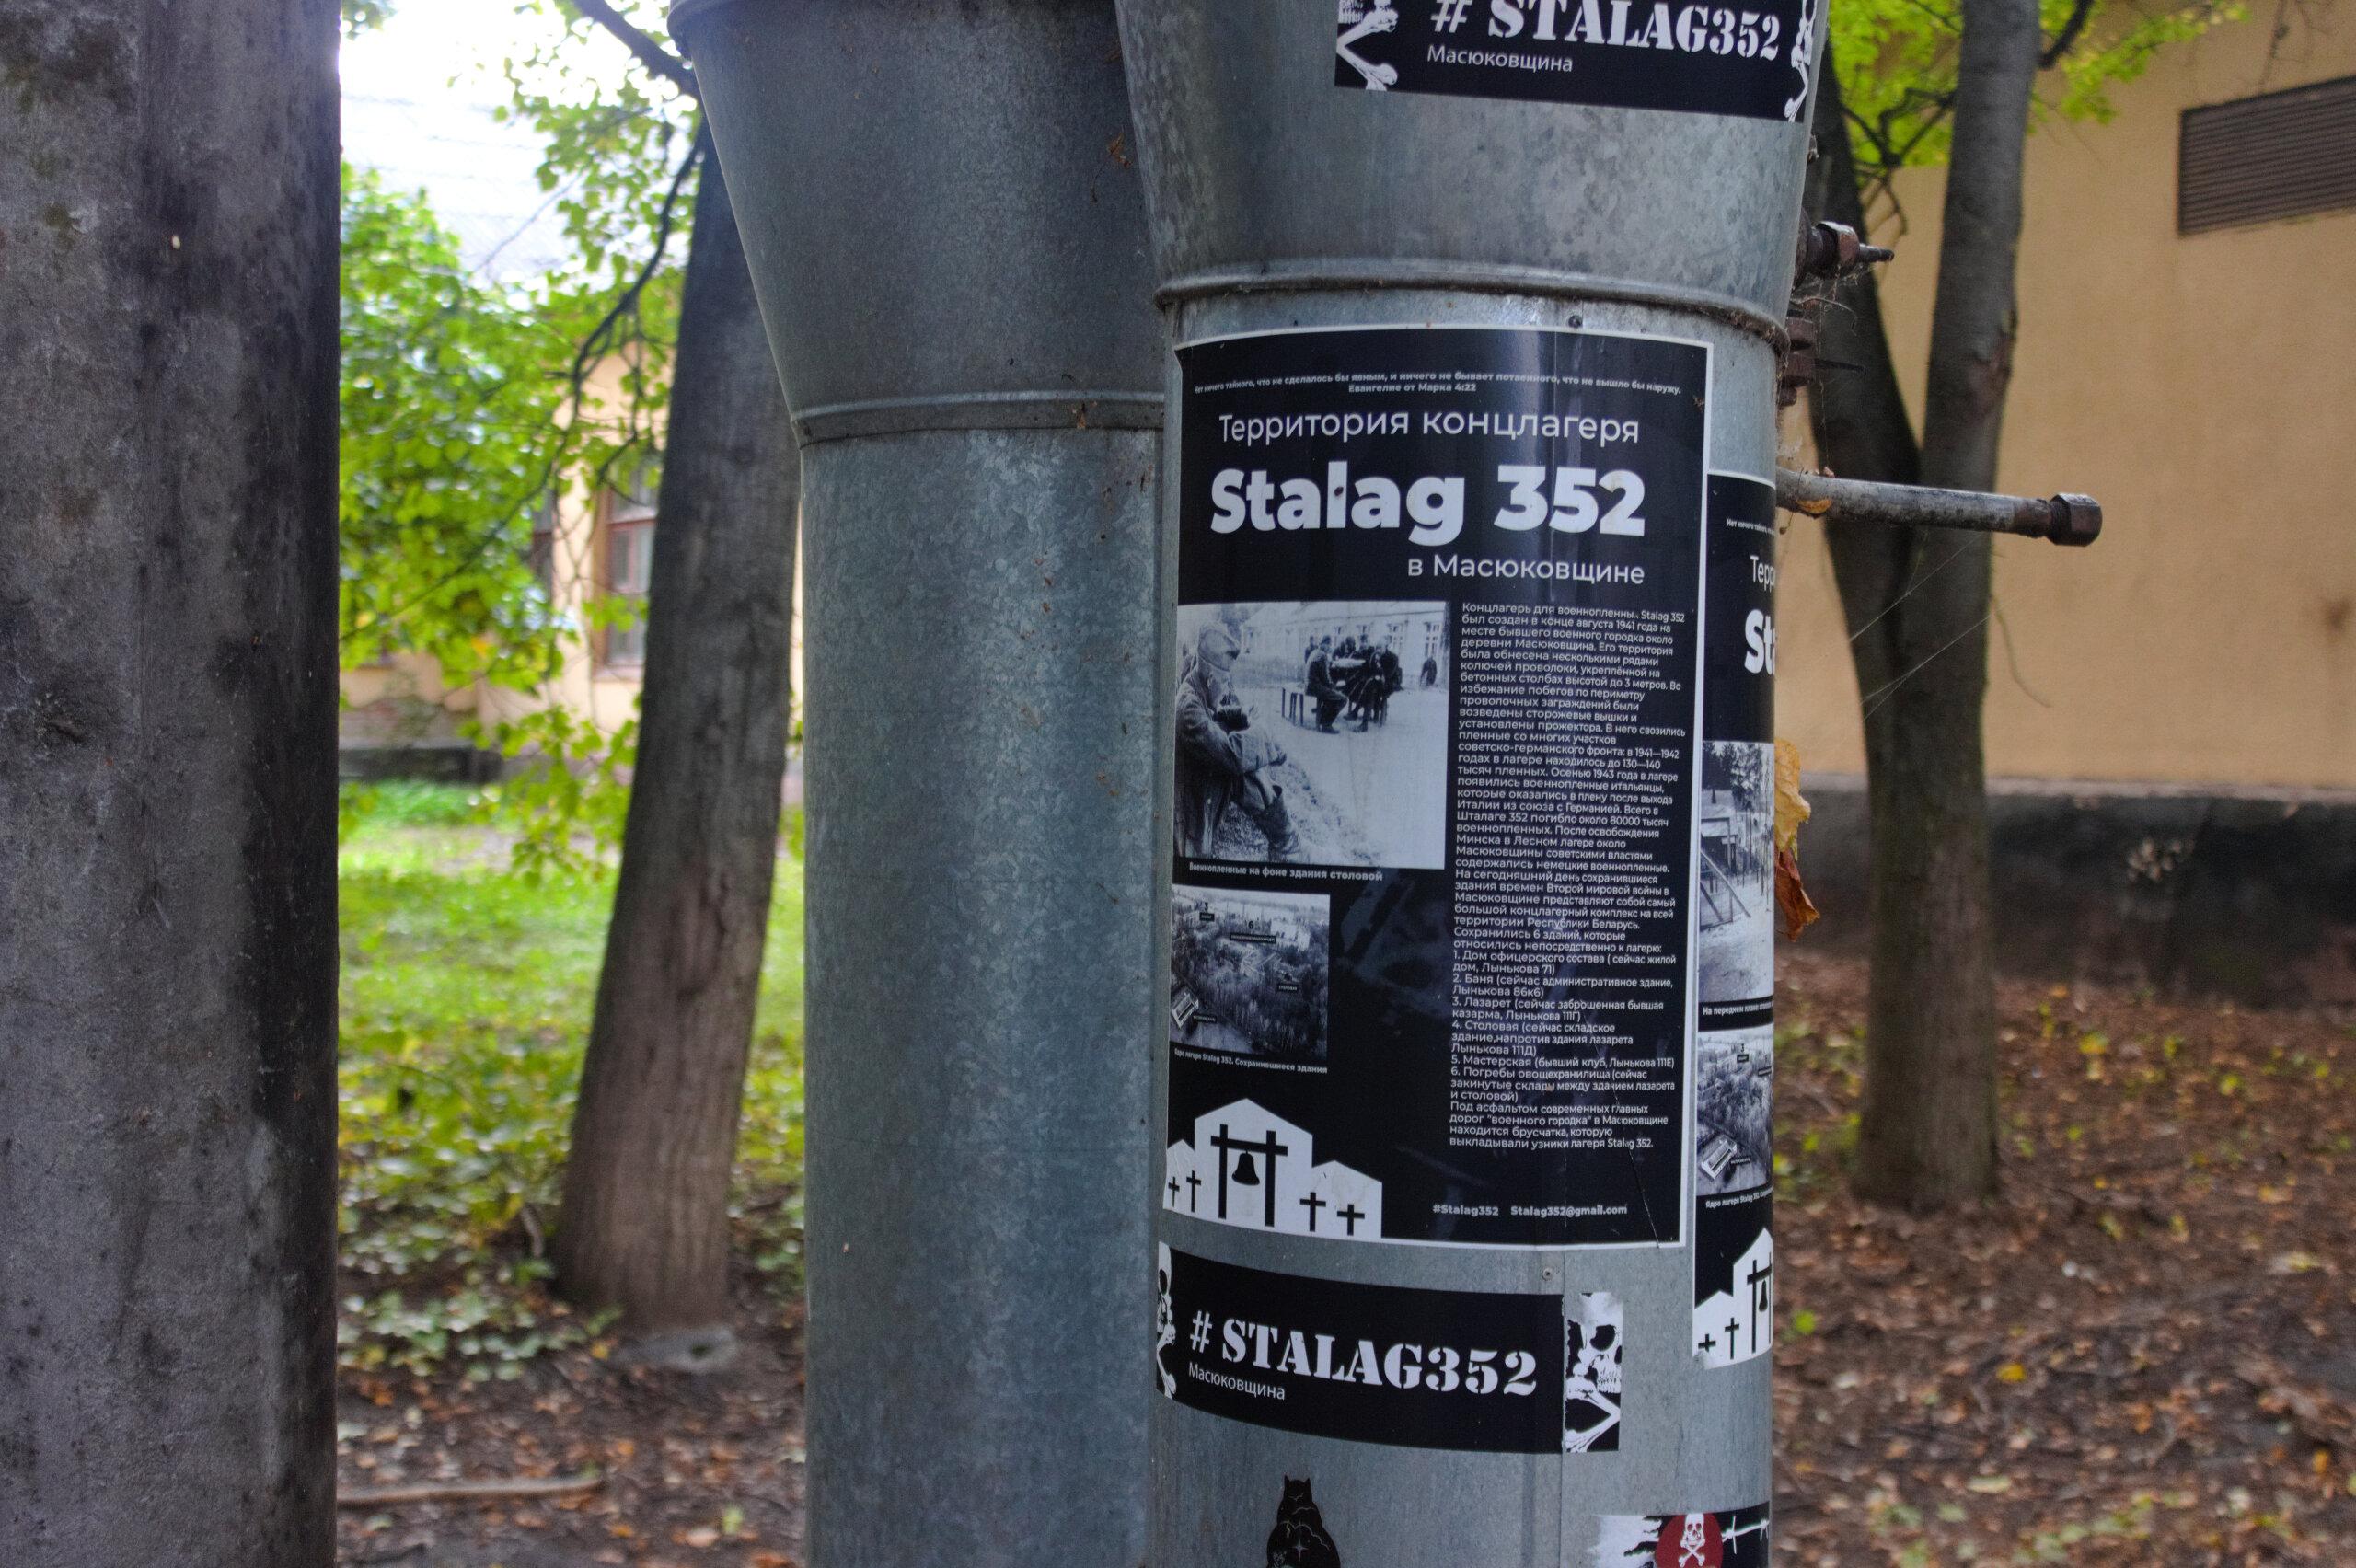 Плакаты, повествующие о том, что эта территория является бывшей территорией фашистского концлагеря Шталаг 352 в Масюковщине